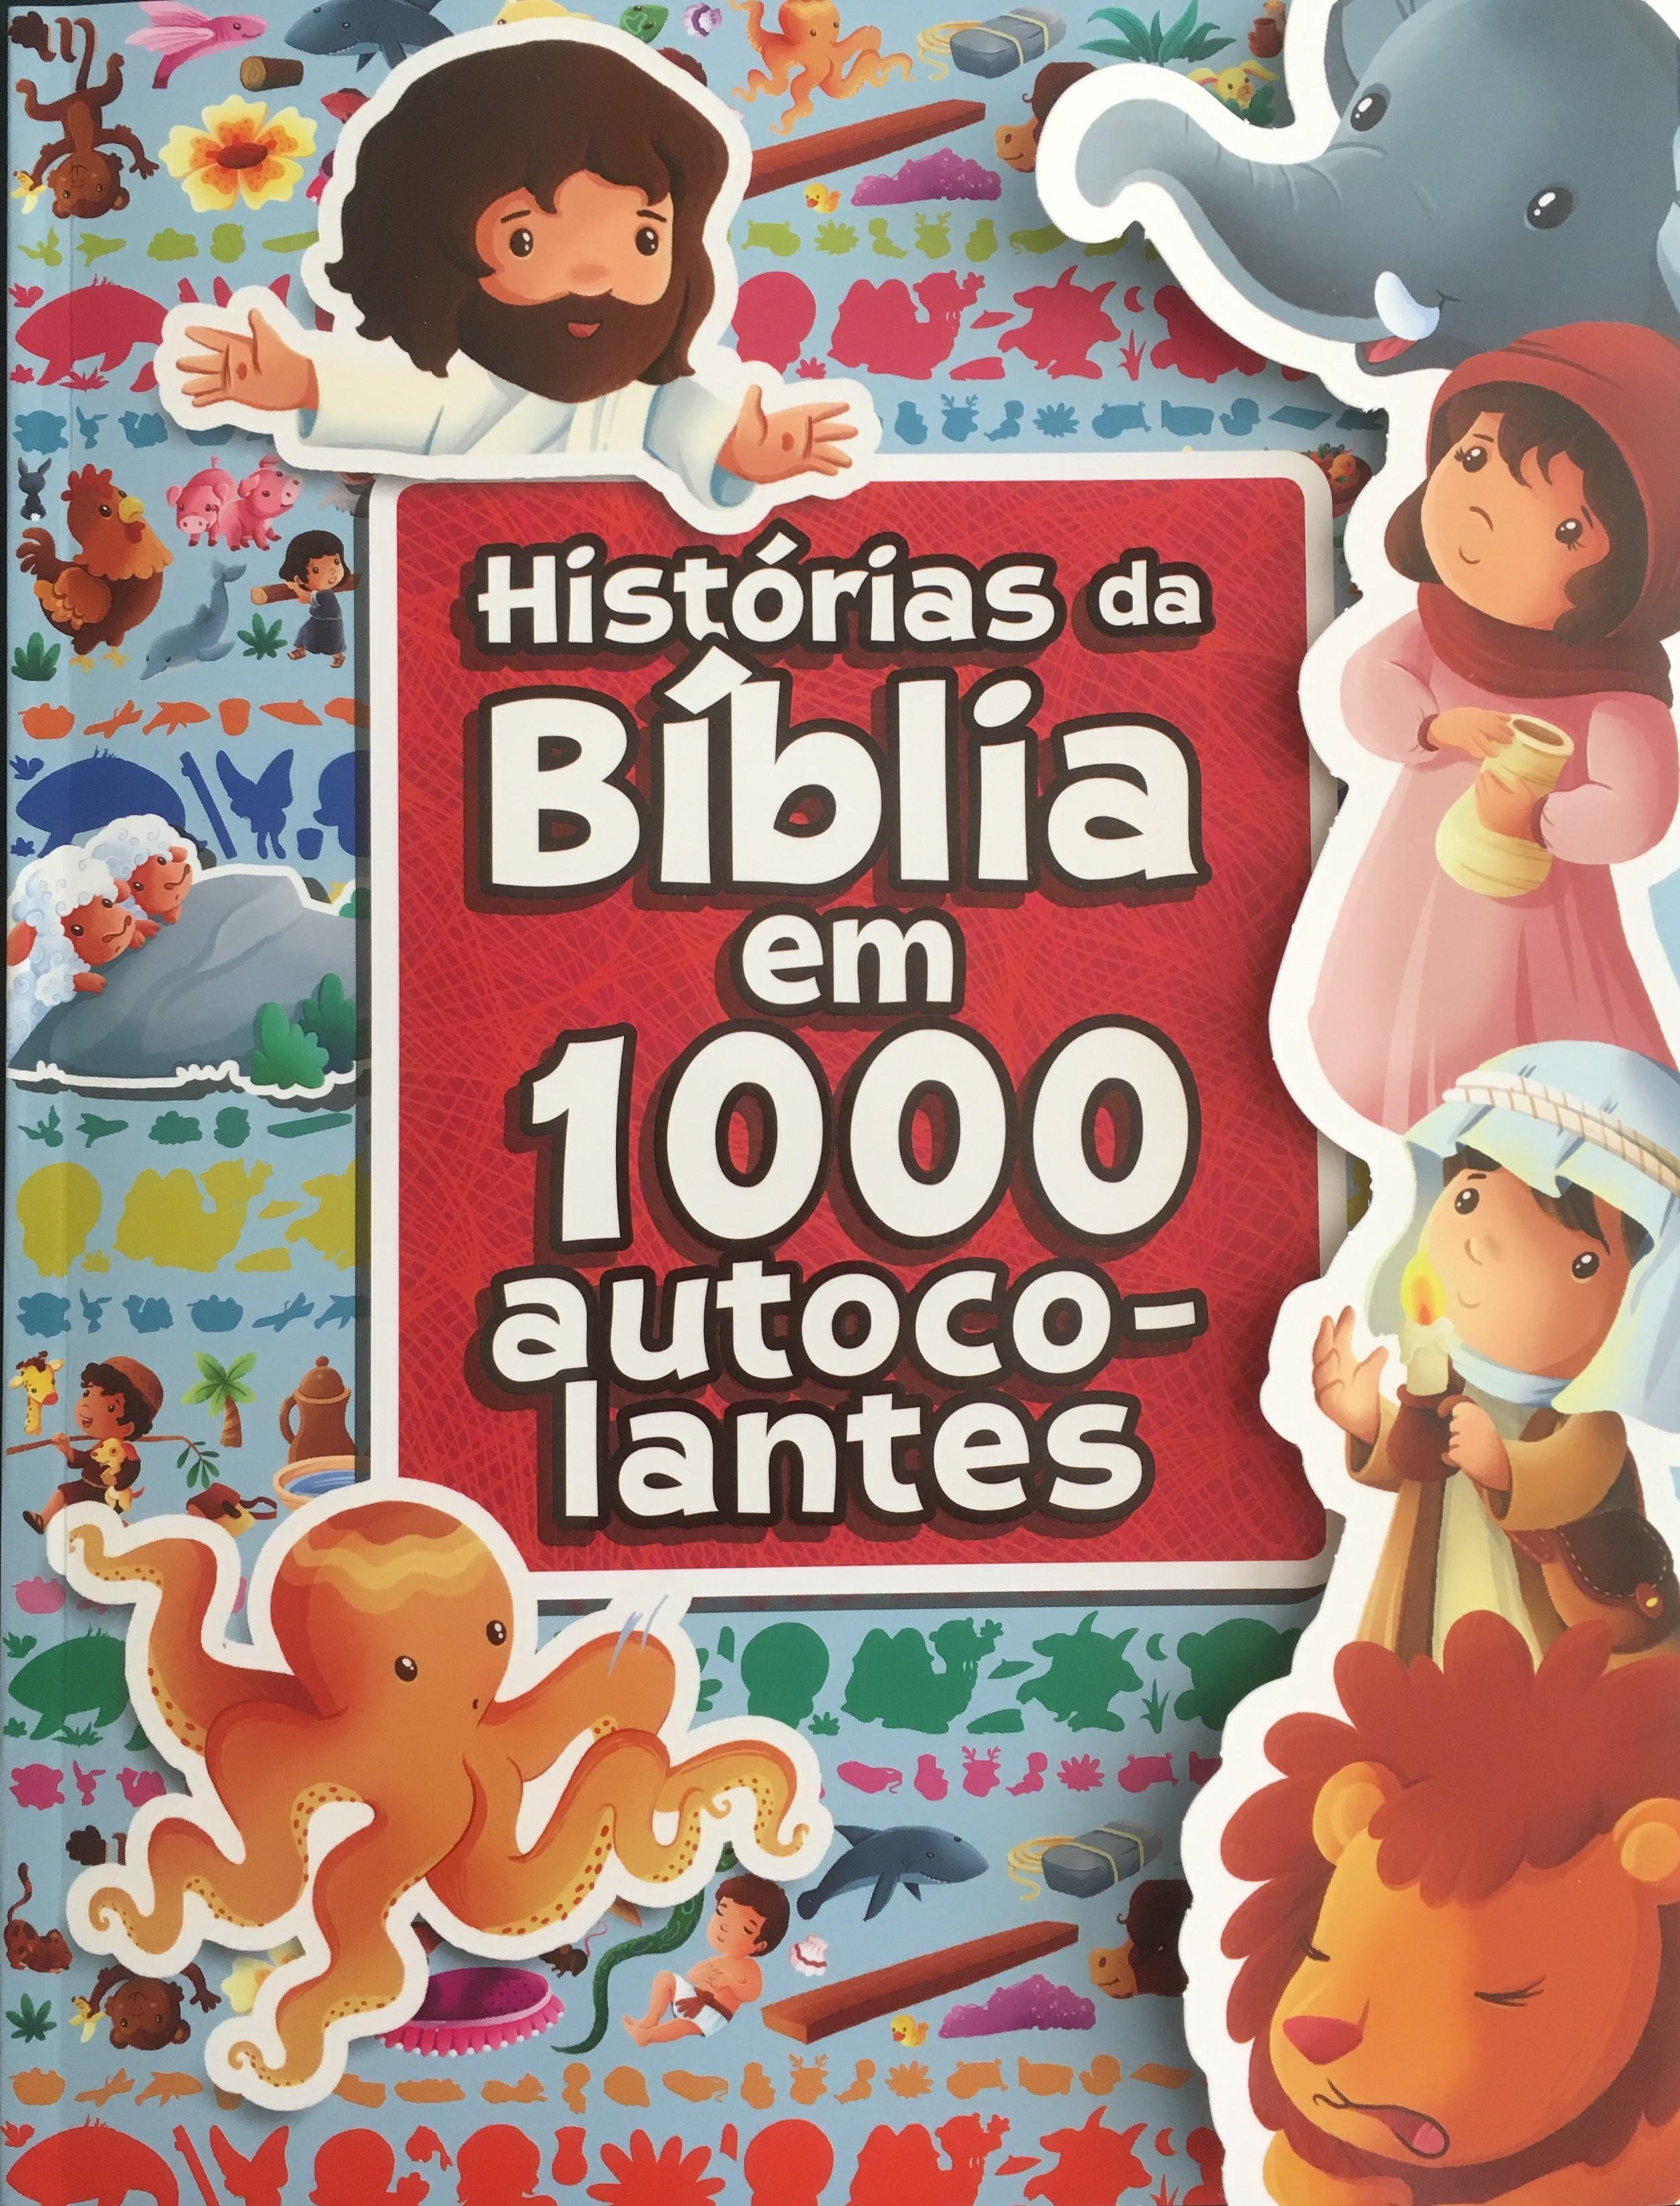 Histórias da Bíblia em 1000 autocolantes